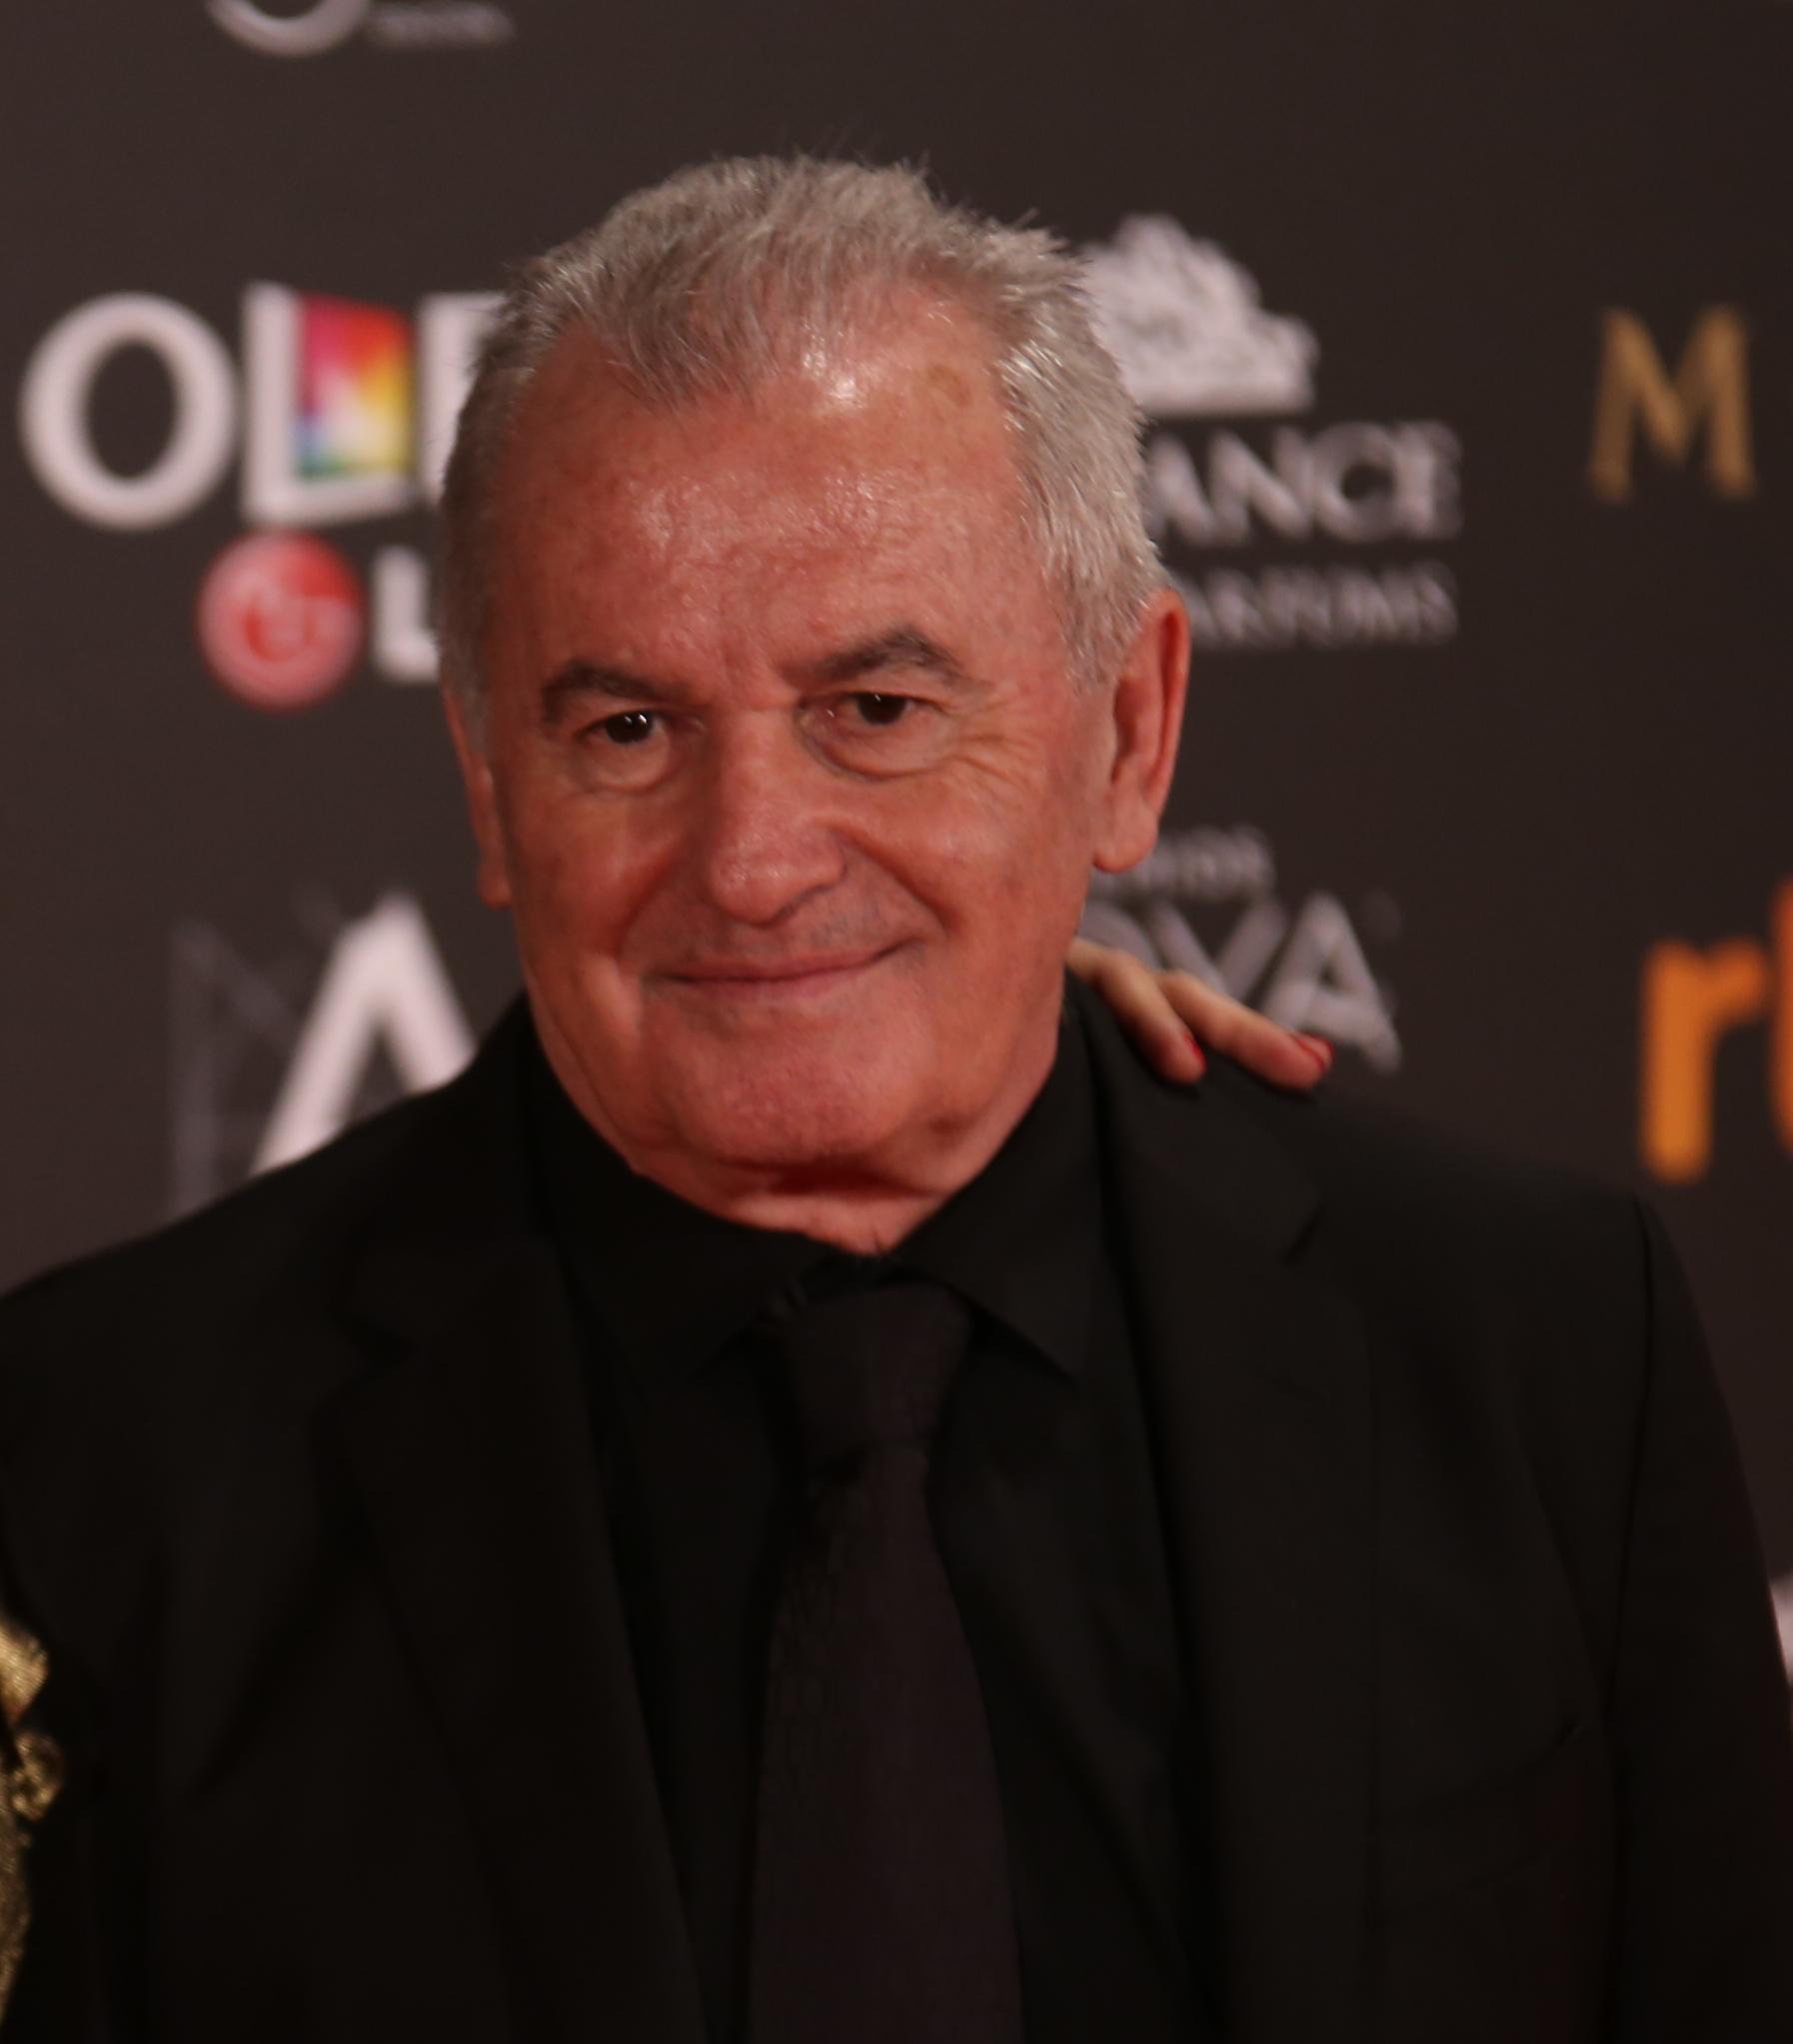 Víctor Manuel en los Premios Goya 2017